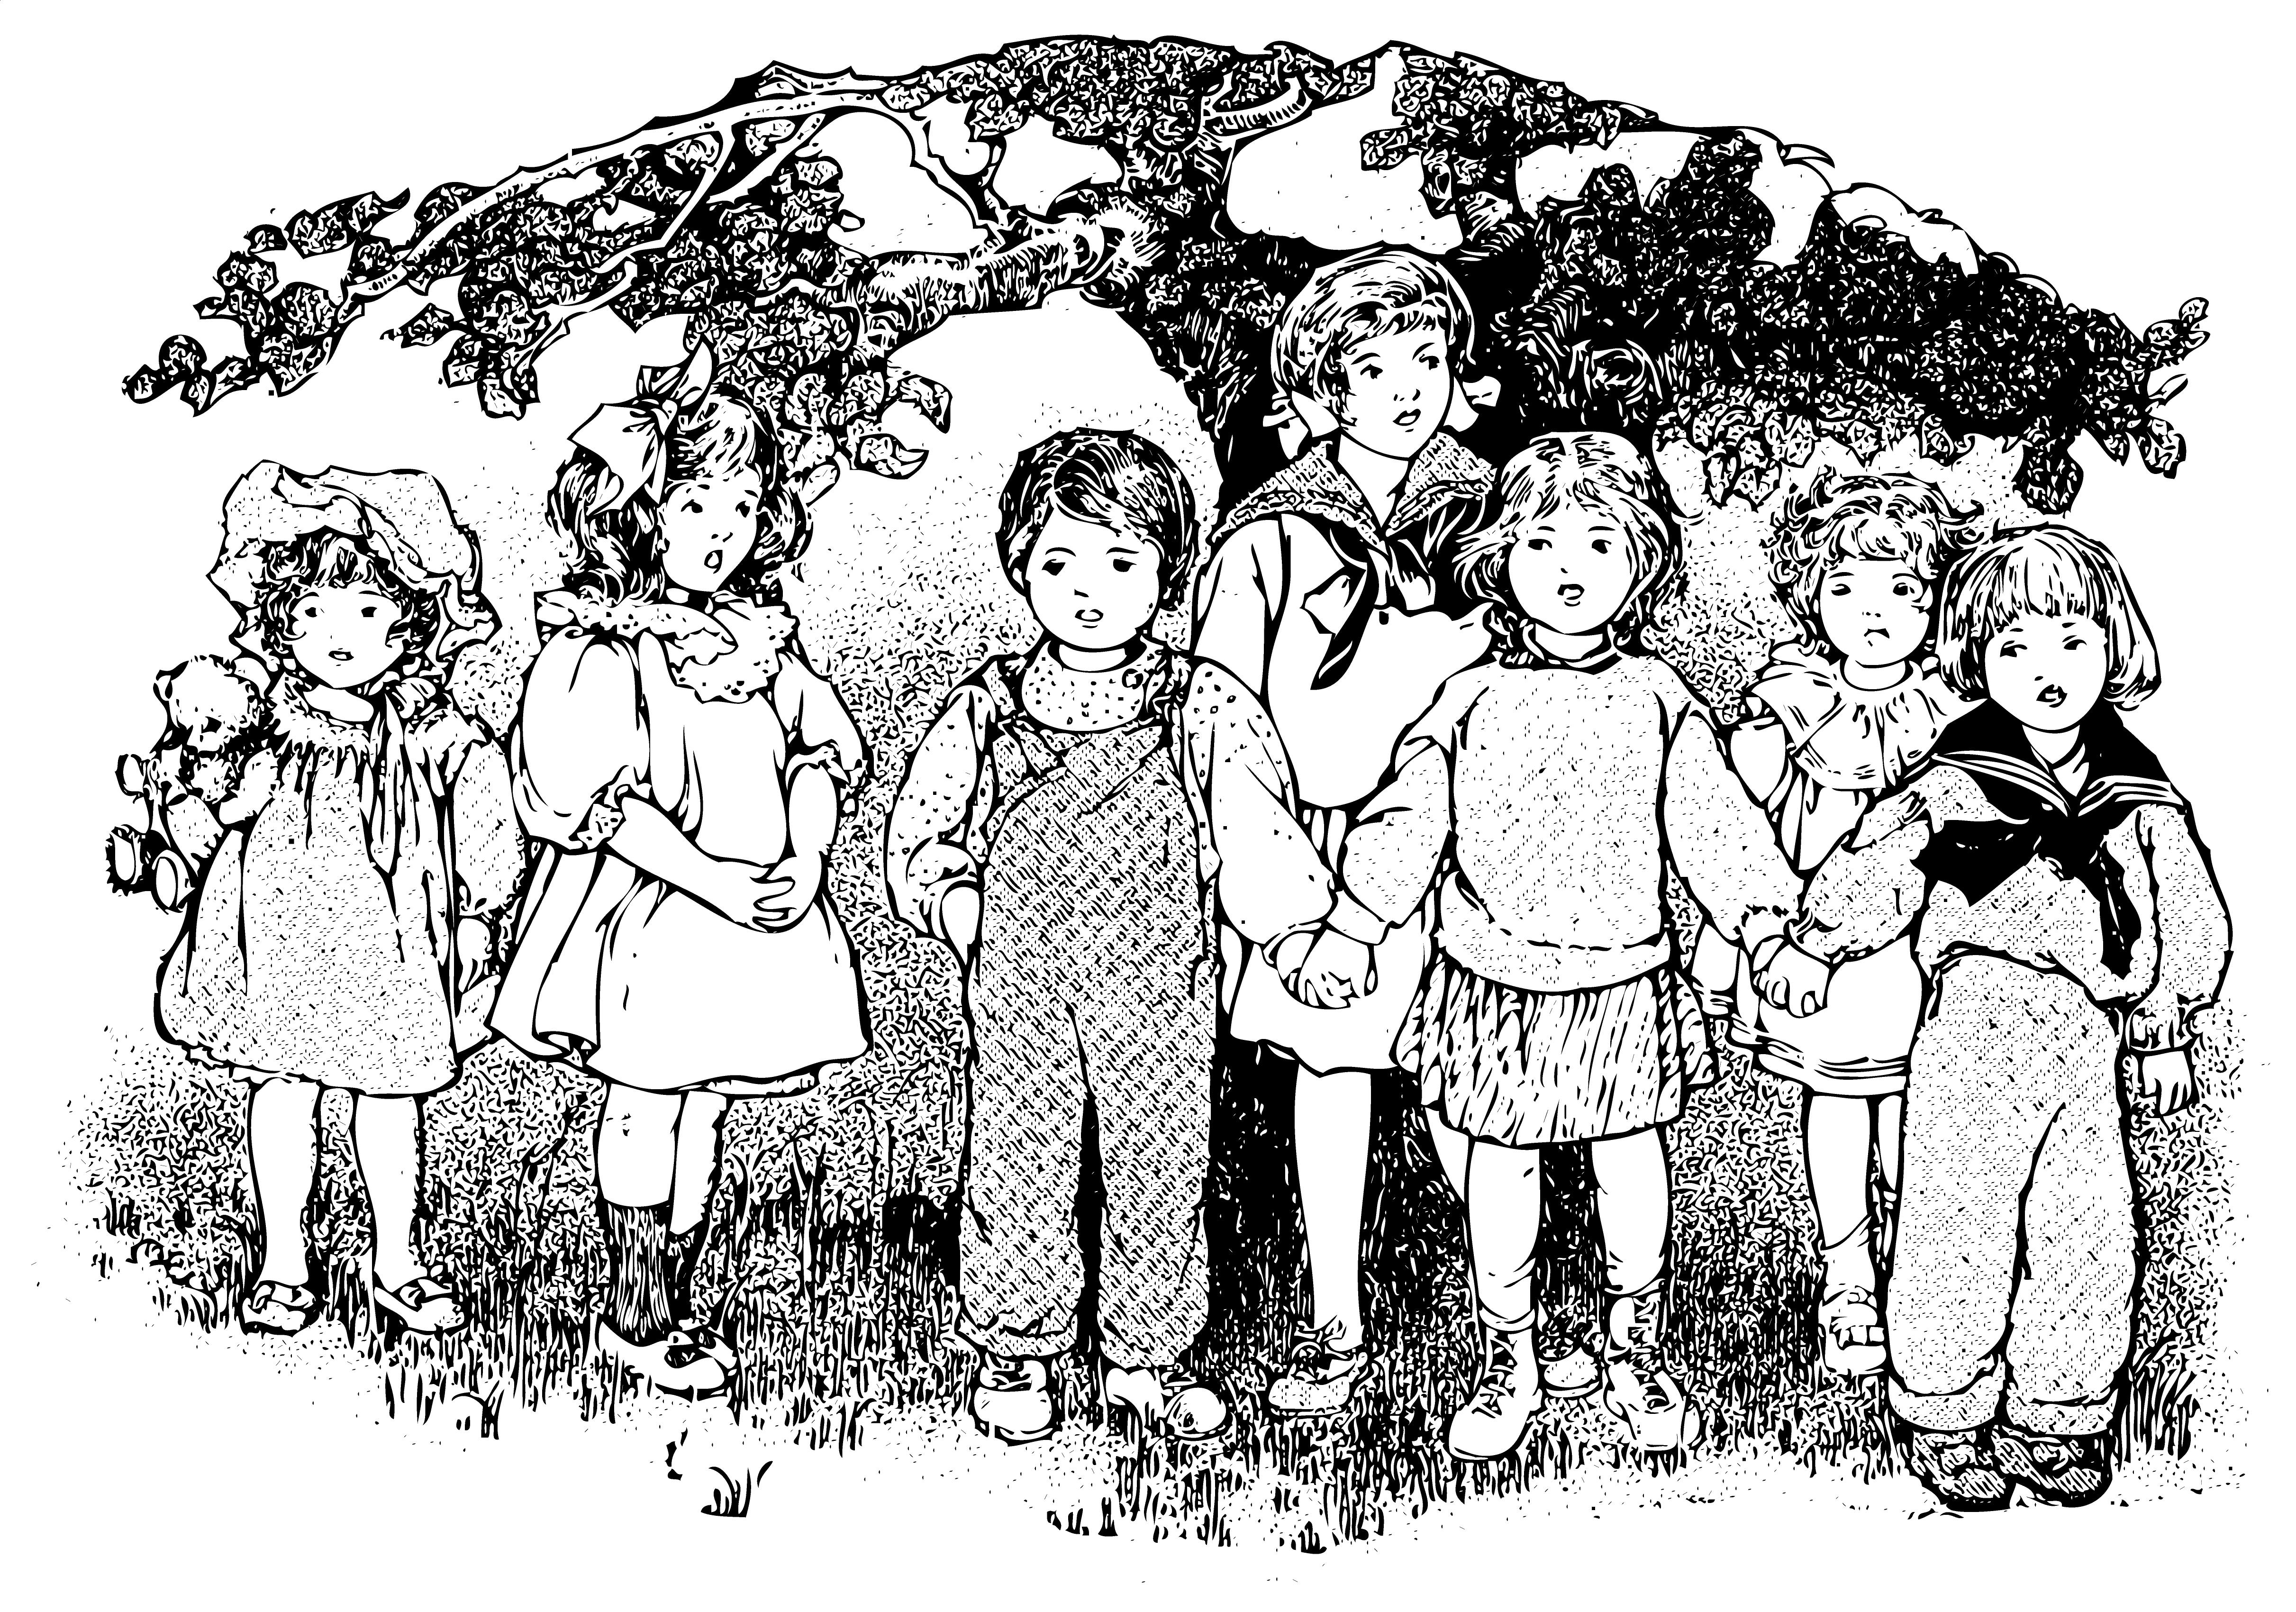 Vintage kids clipart picture transparent library Vintage Kids Clip Art From A Primer 1910 - Free Clip Art picture transparent library